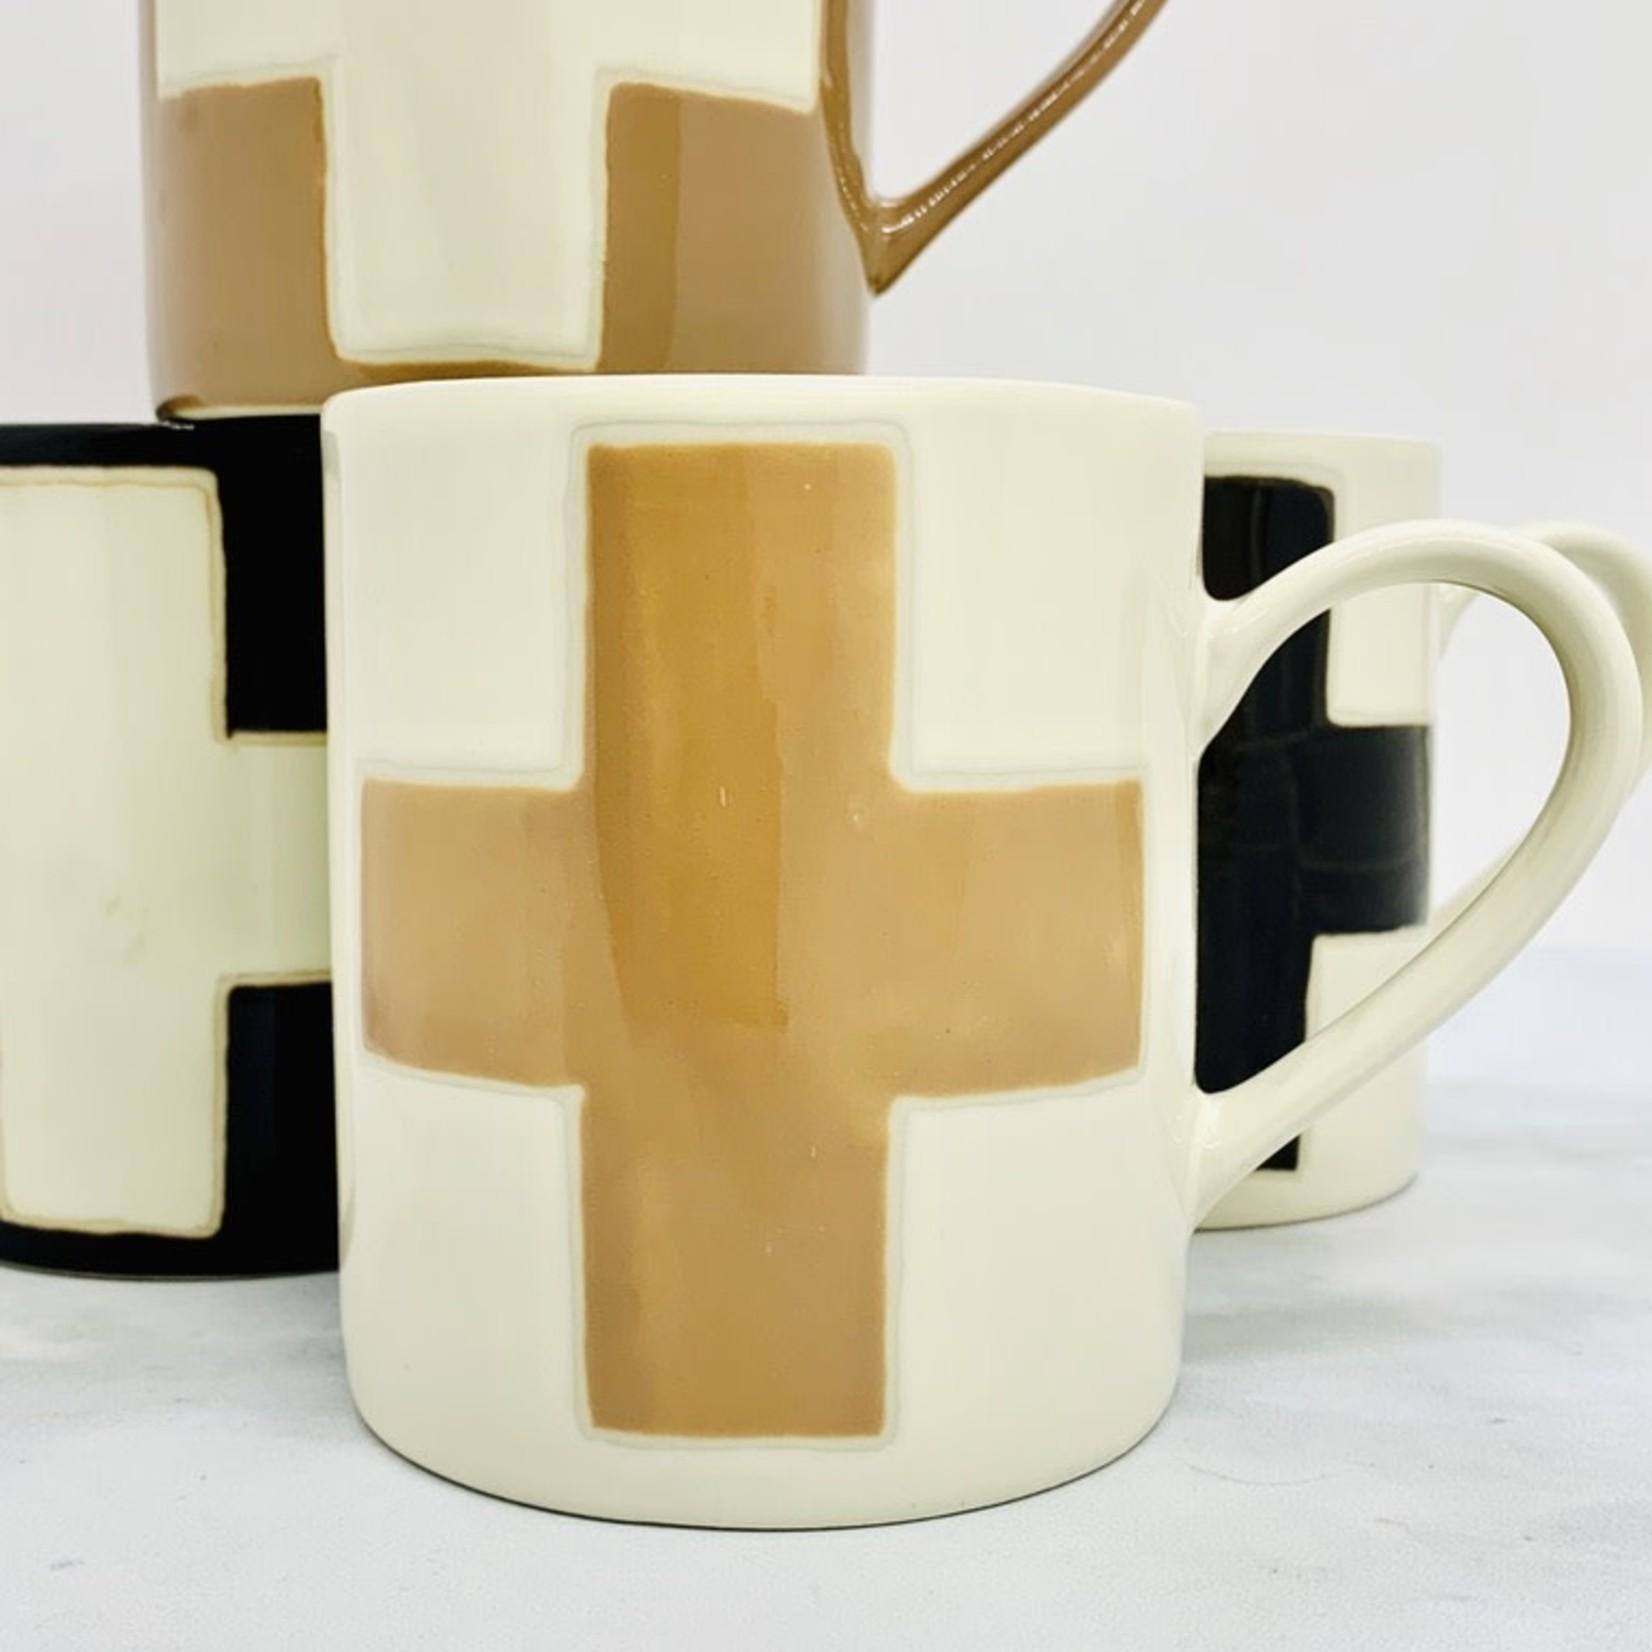 8 oz. Handmade Stoneware Mug w/ Wax Relief Swiss Cross: